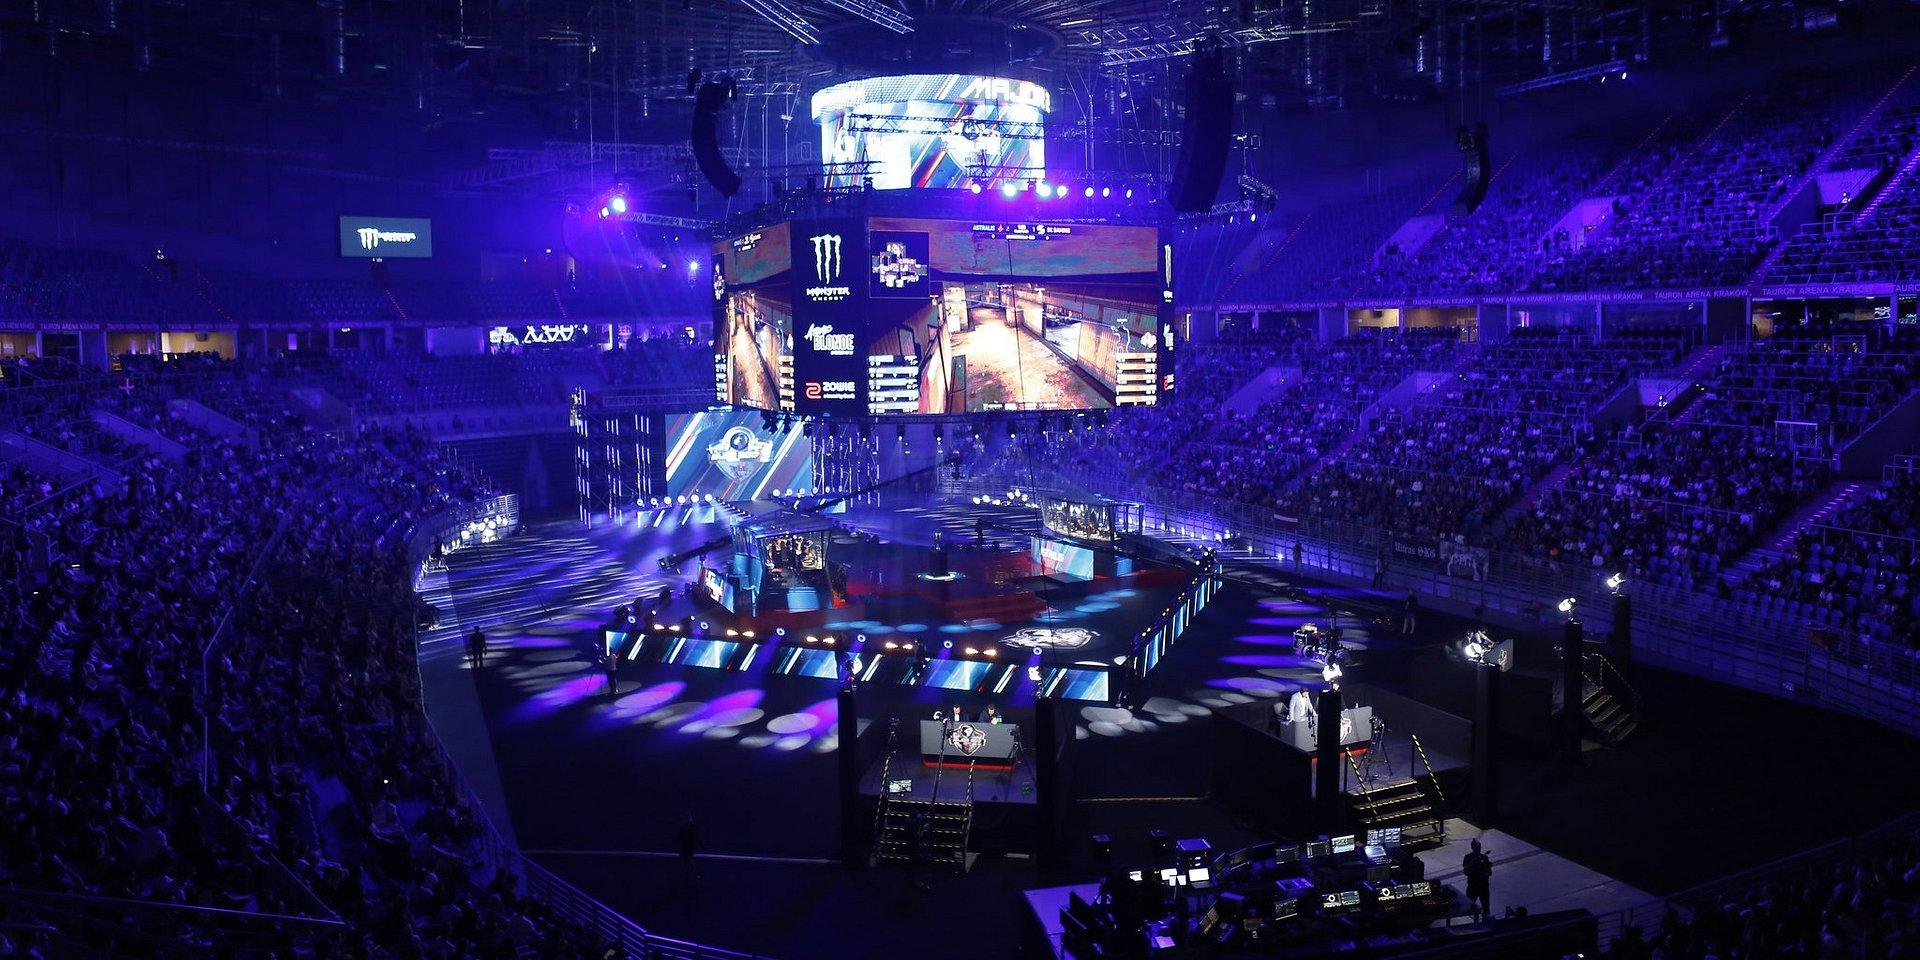 Nadchodzą esportowe Mistrzostwa Świata - turniej StarLadder Berlin Major 2019! Transmisję w języku polskim ponownie przygotuje agencja FantasyExpo.